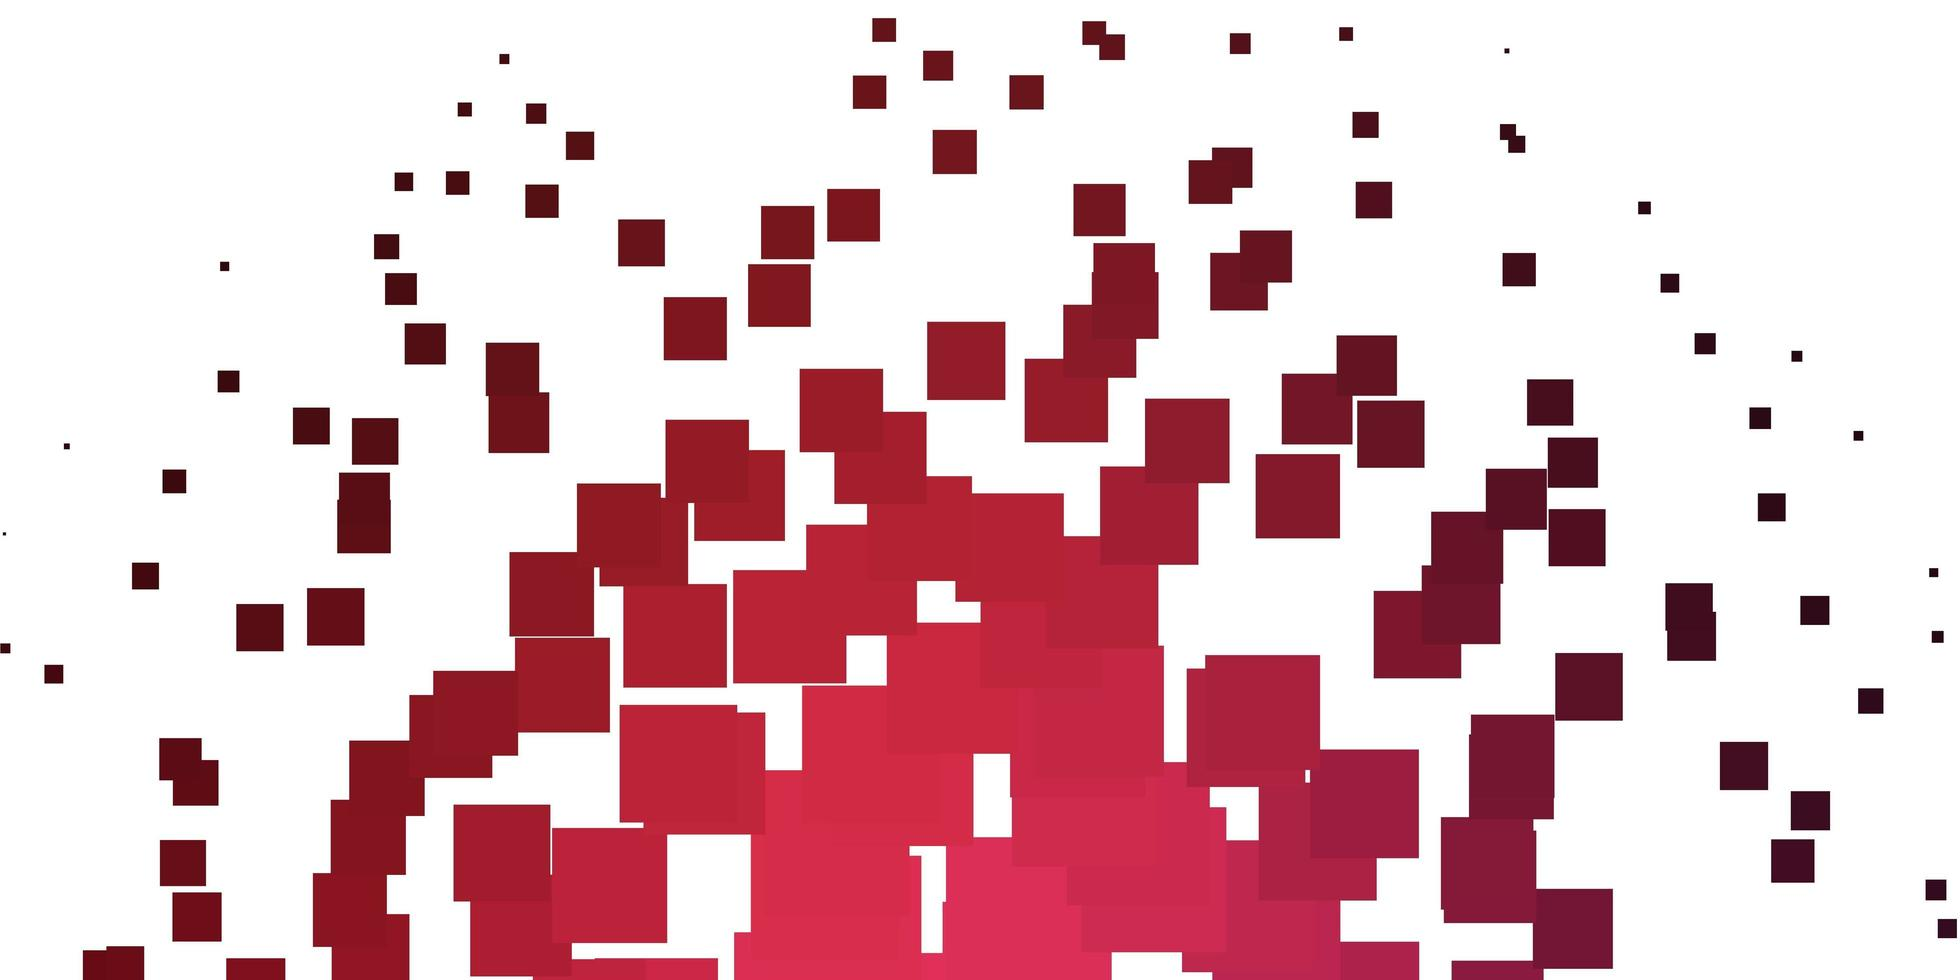 lichtroze, rode vectorlay-out met lijnen, rechthoeken. vector